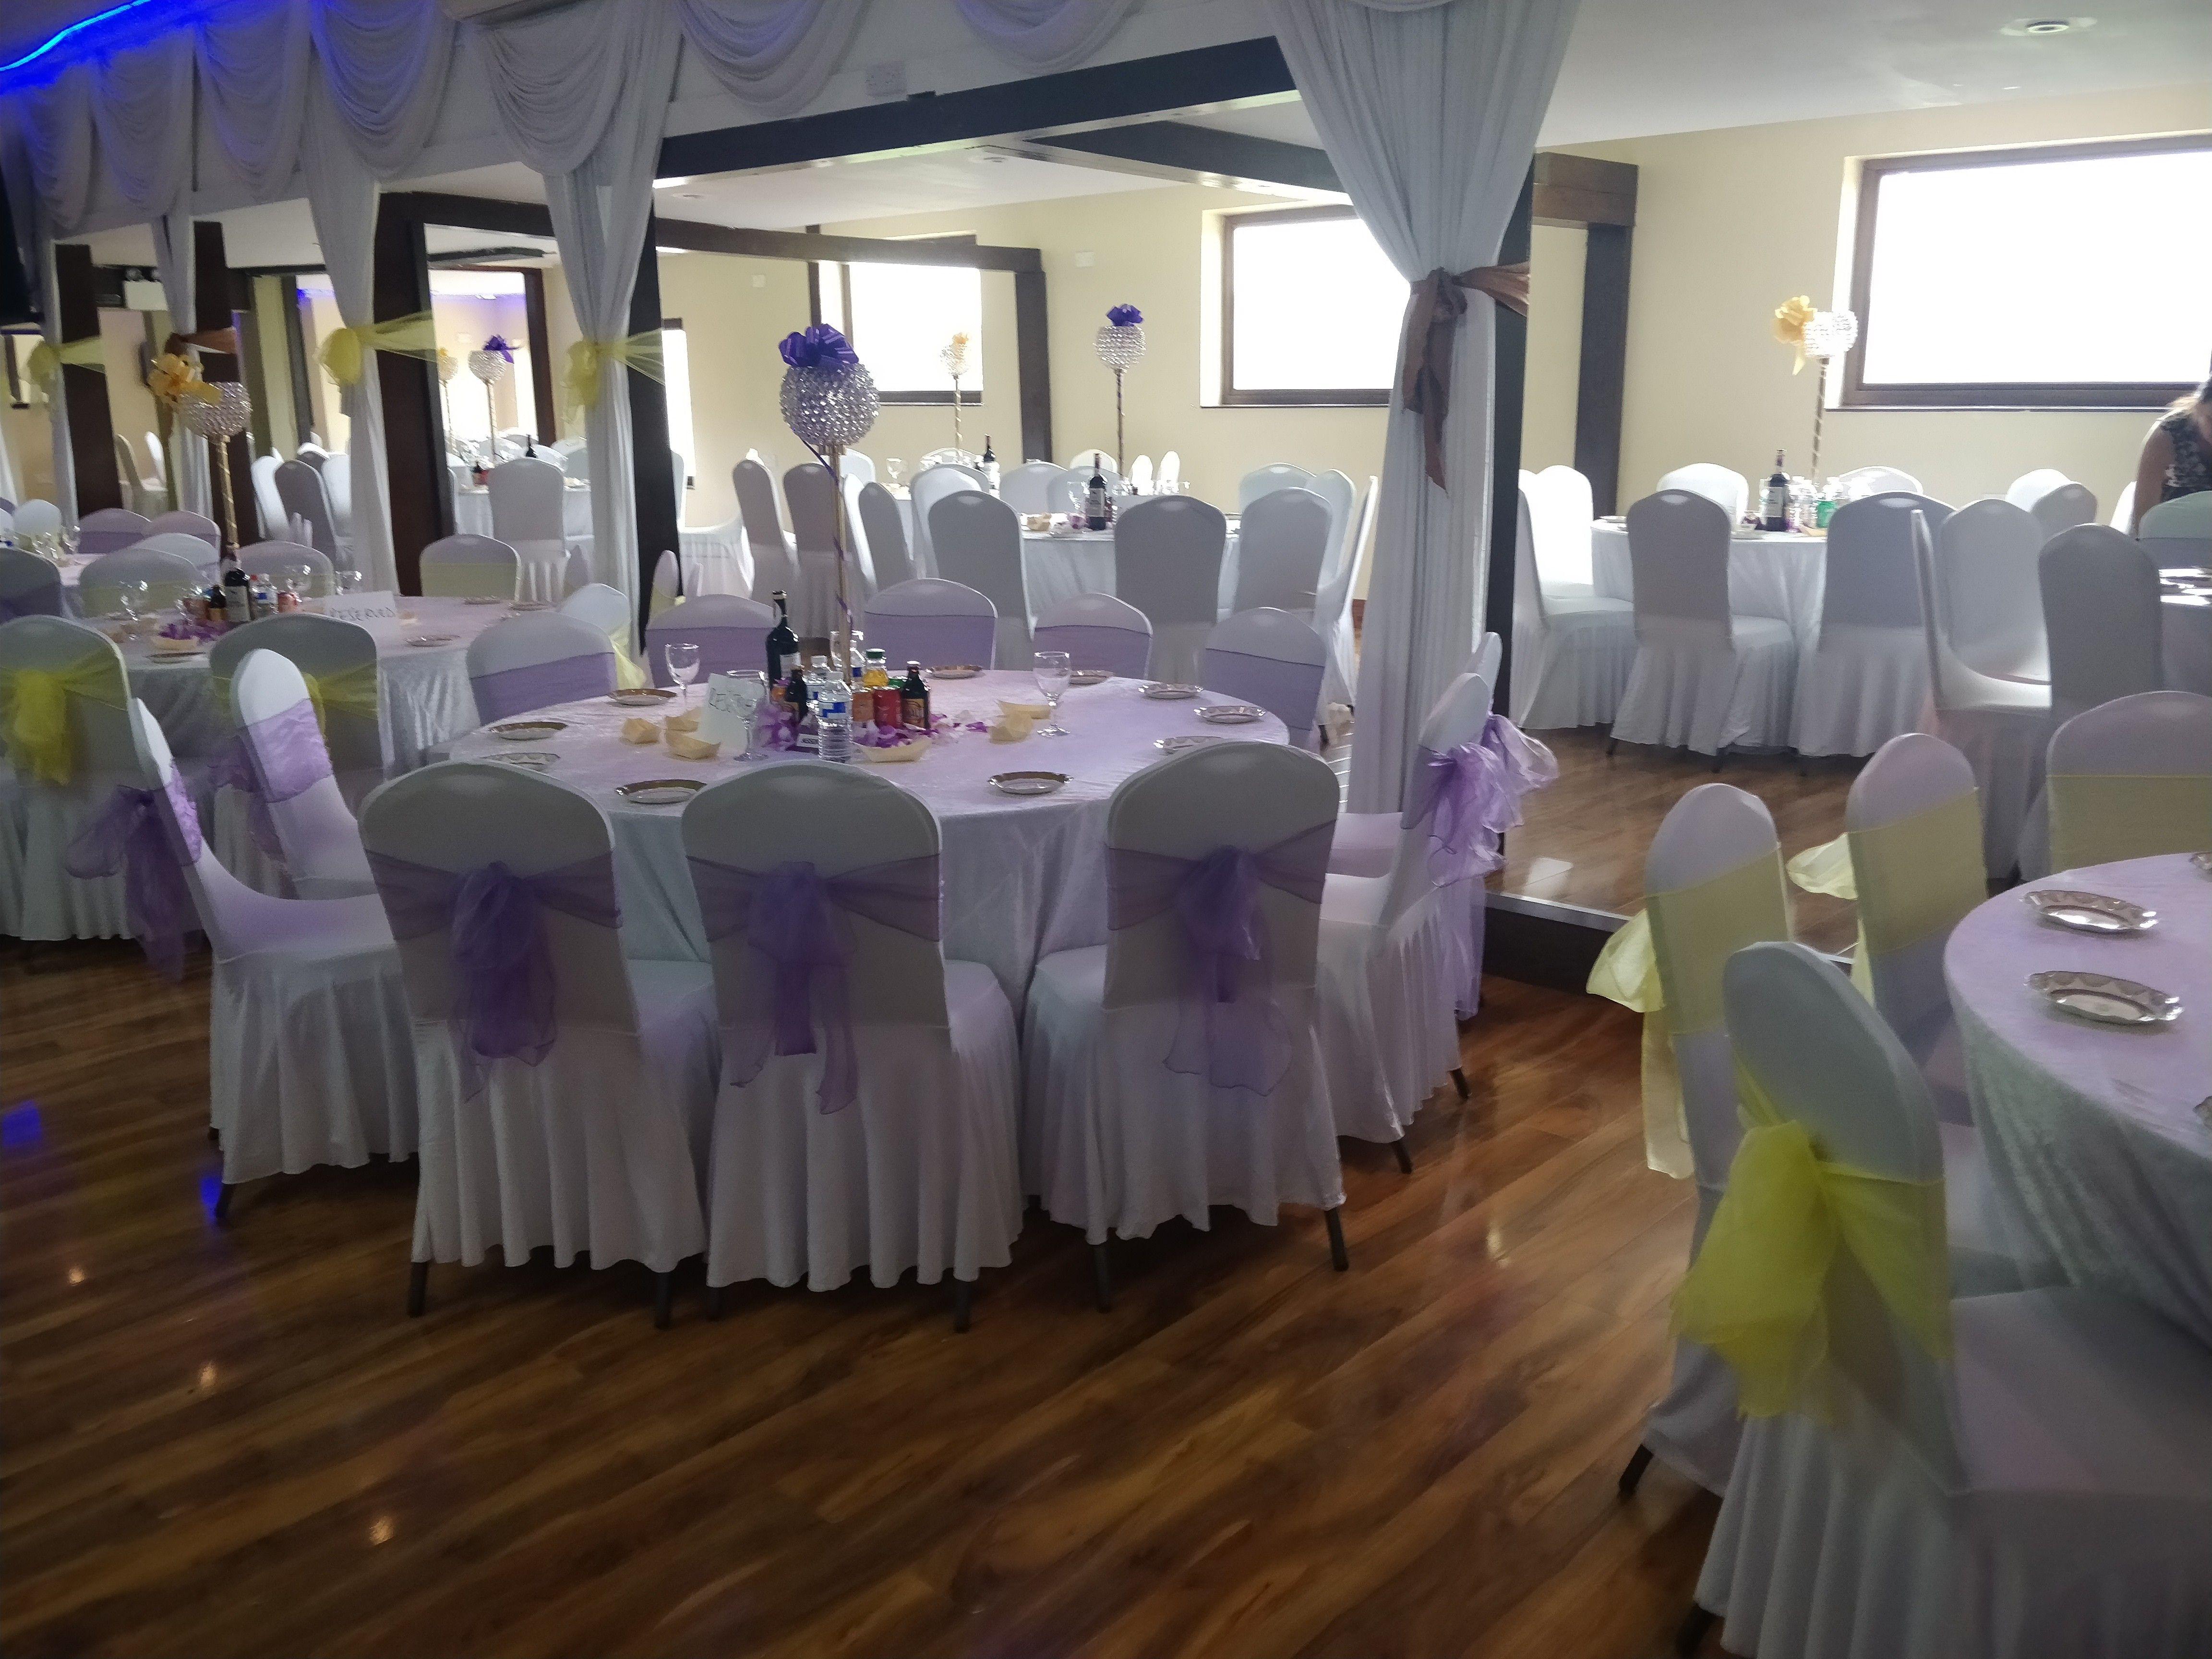 cheap wedding venue Cheap wedding venues, Wedding venues